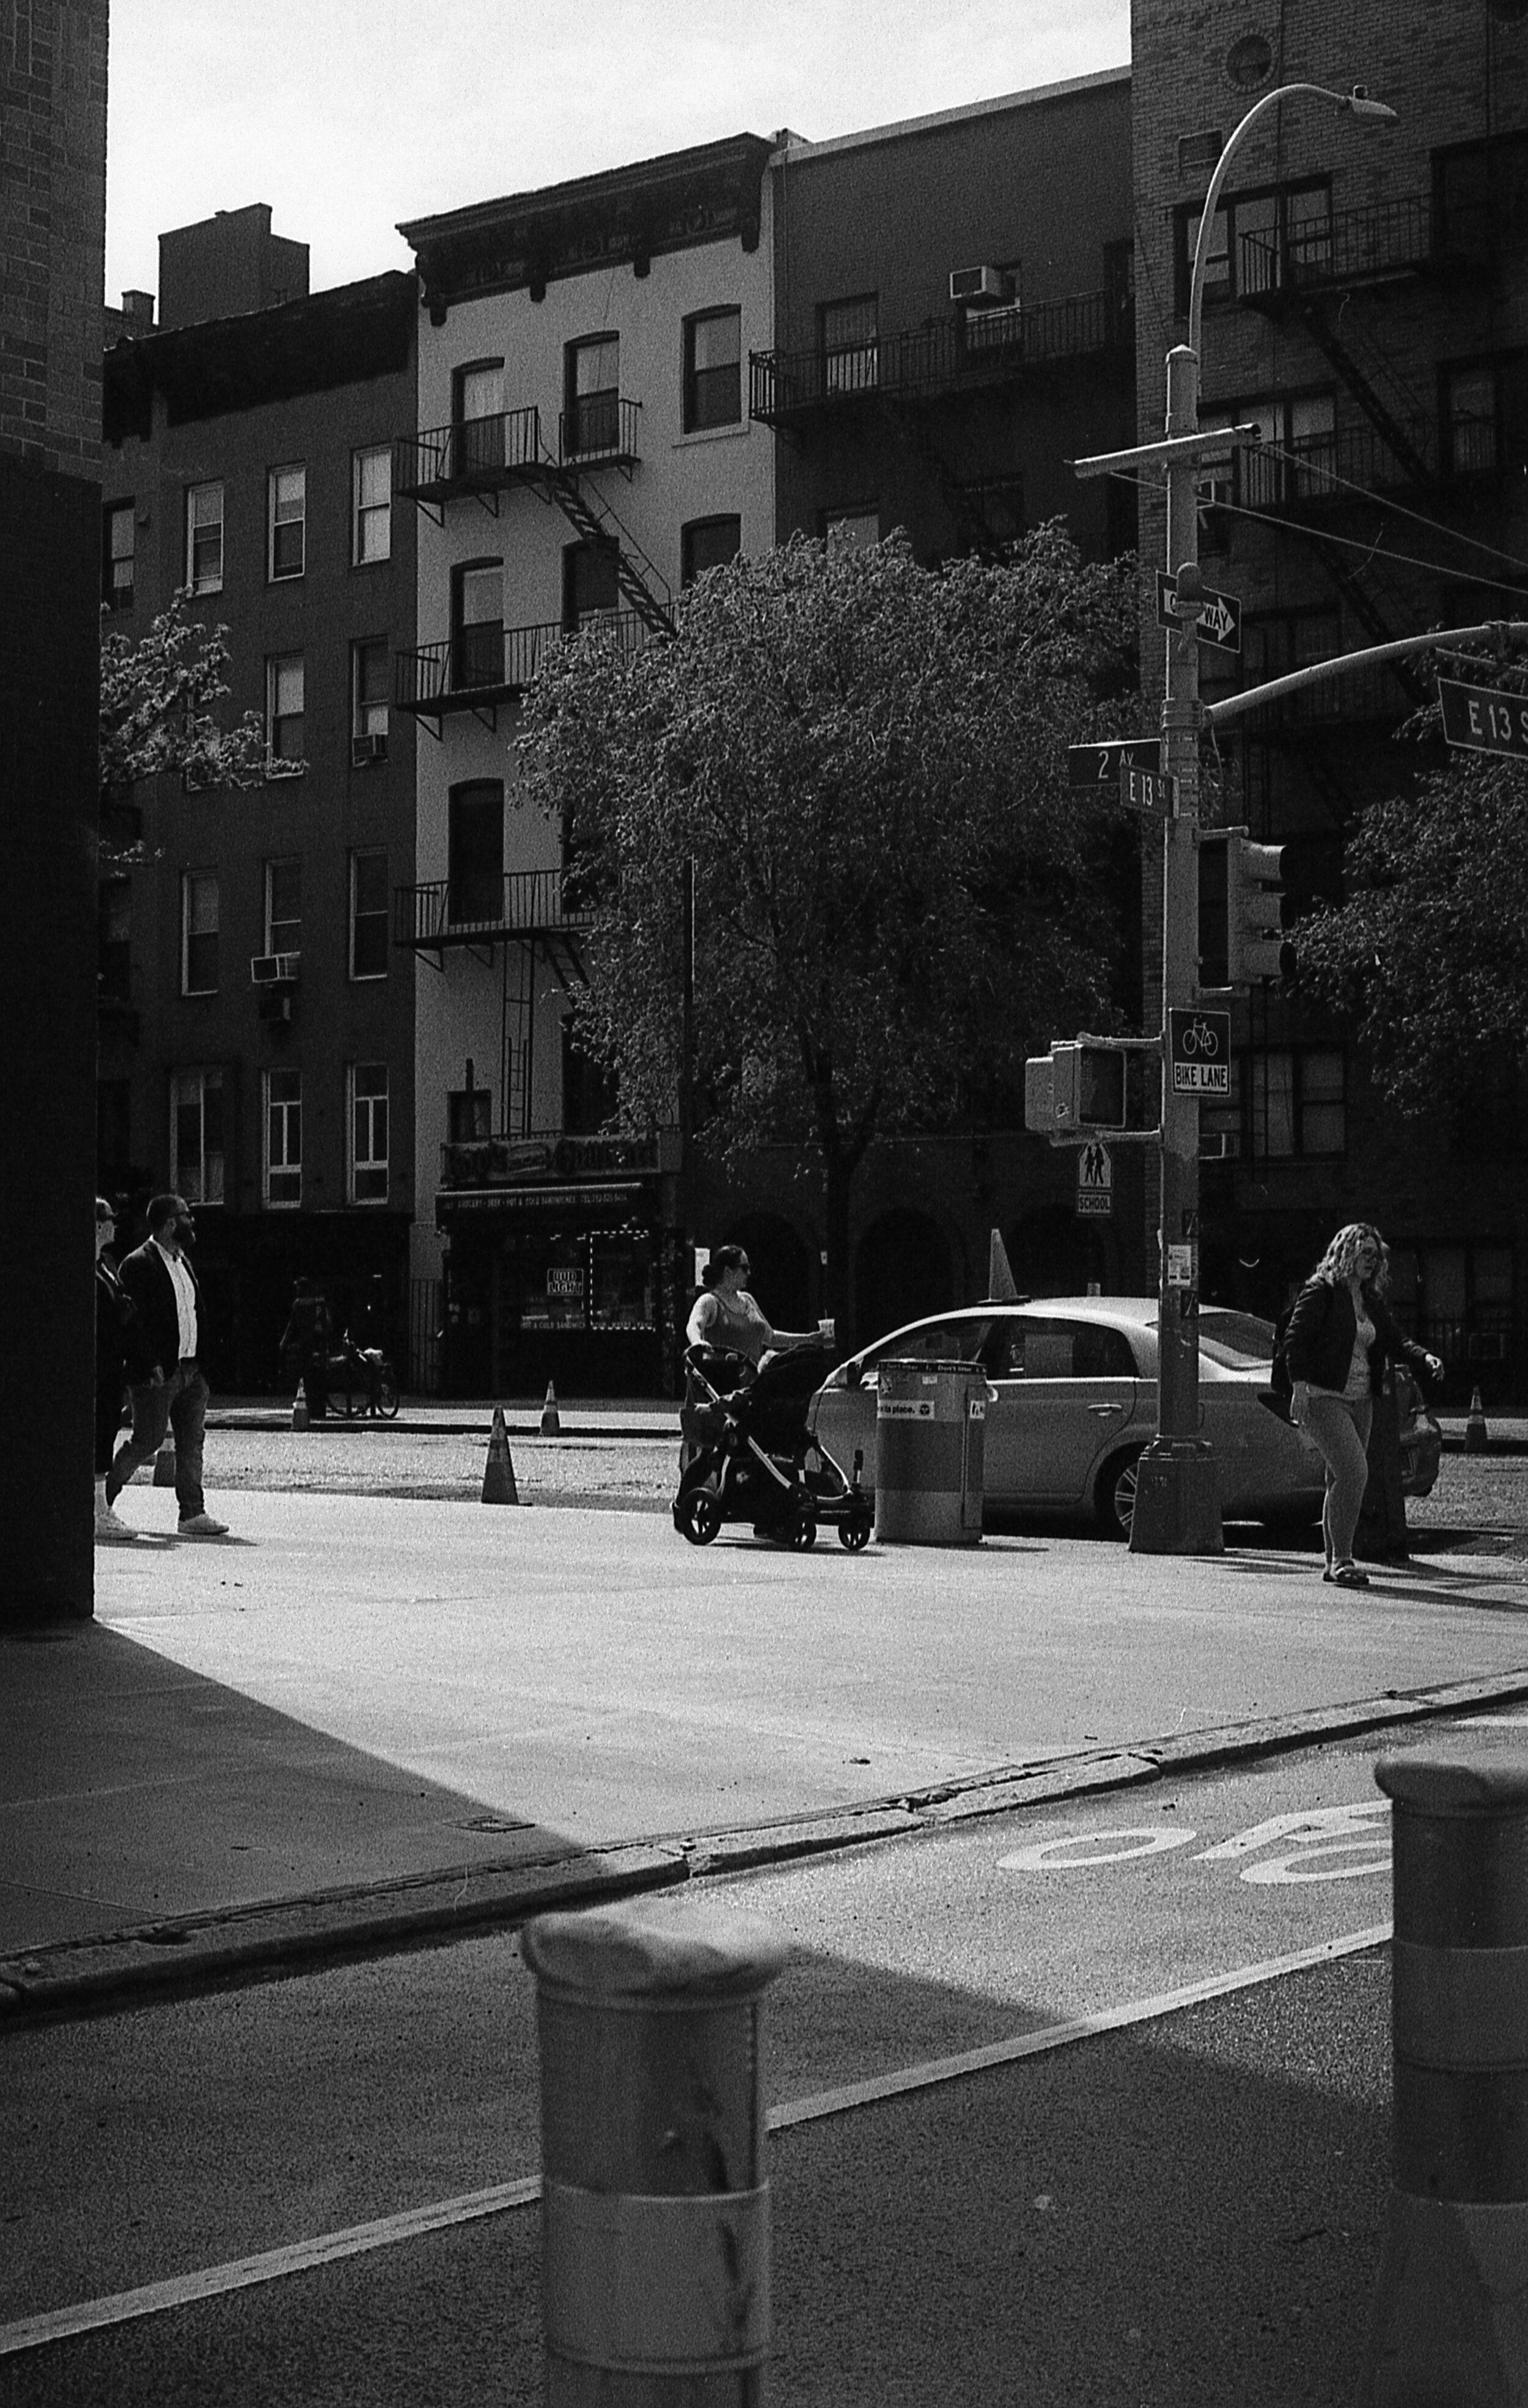 NYTX1816253.jpg